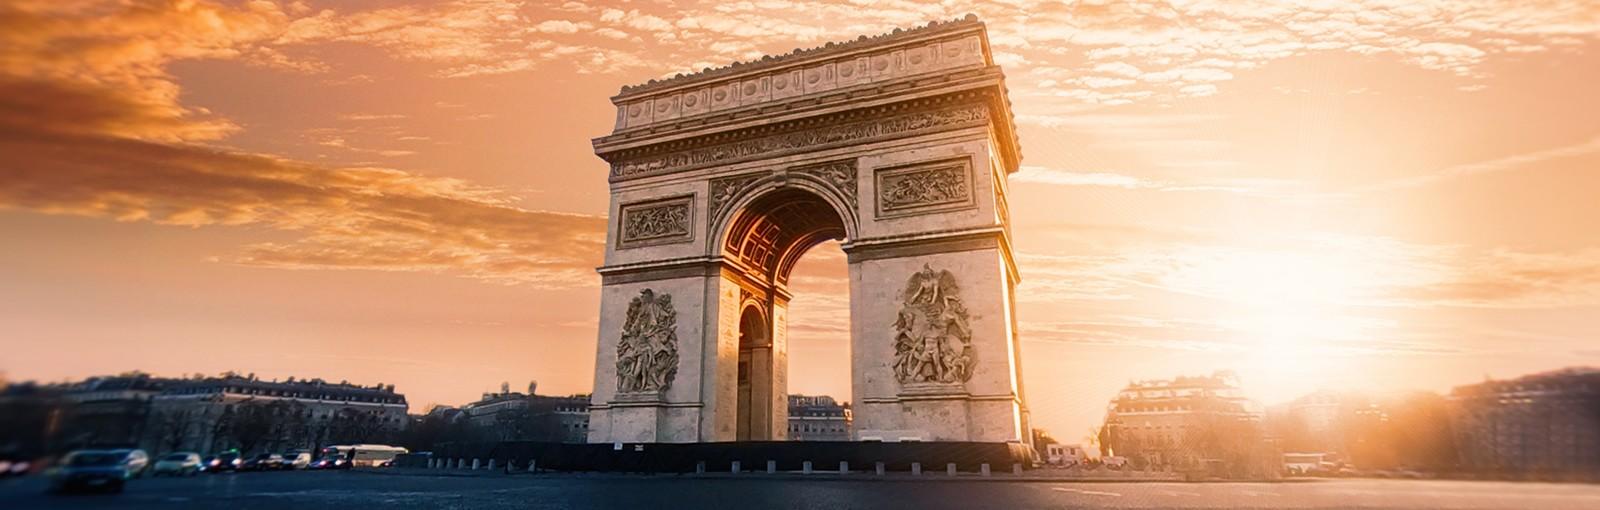 Tours Journée Paris et visite du Louvre - Tours de ville - Visites de Paris